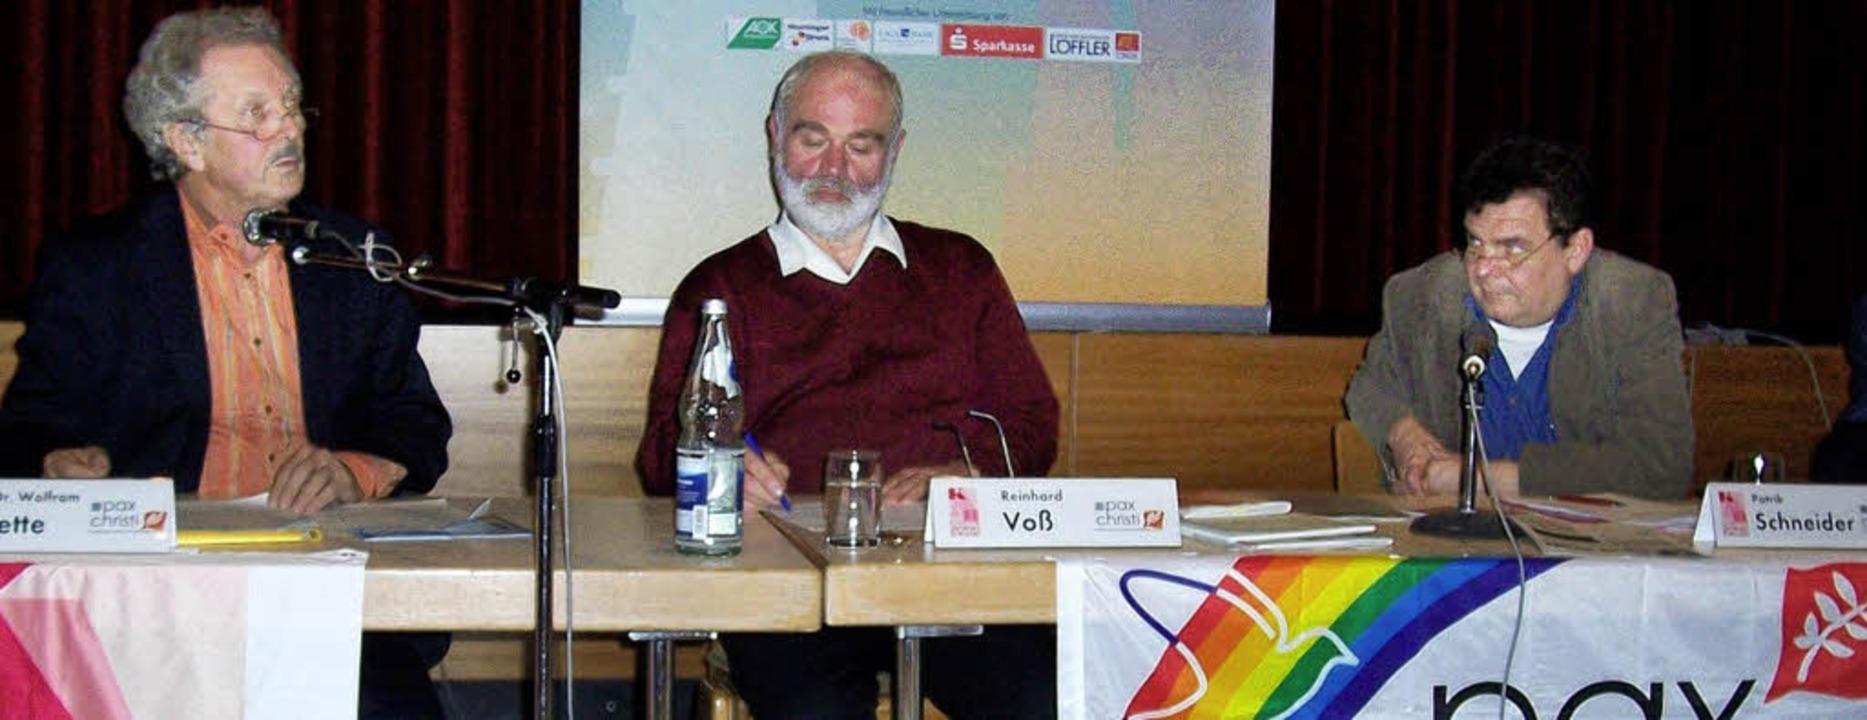 Gegen  Waffenexporte: Wolfram Wette,  ... der Veranstaltung in Bad Krozingen     | Foto: privat